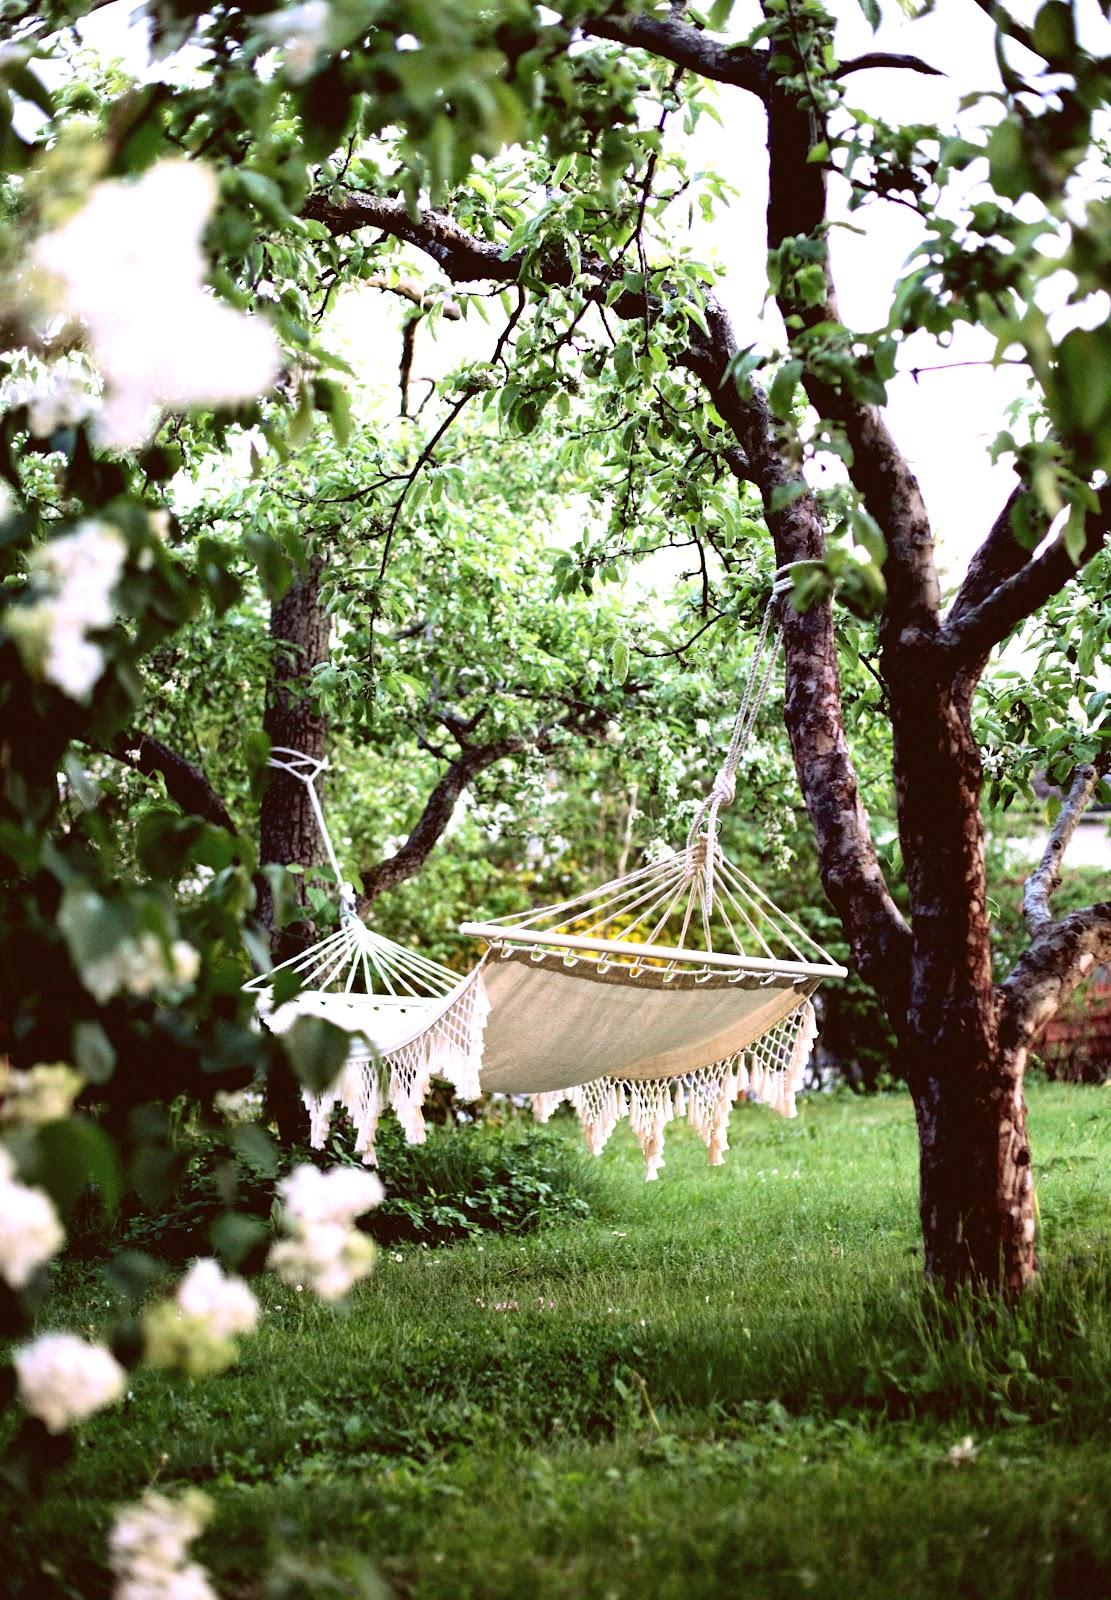 hamaca colgante en el jardín